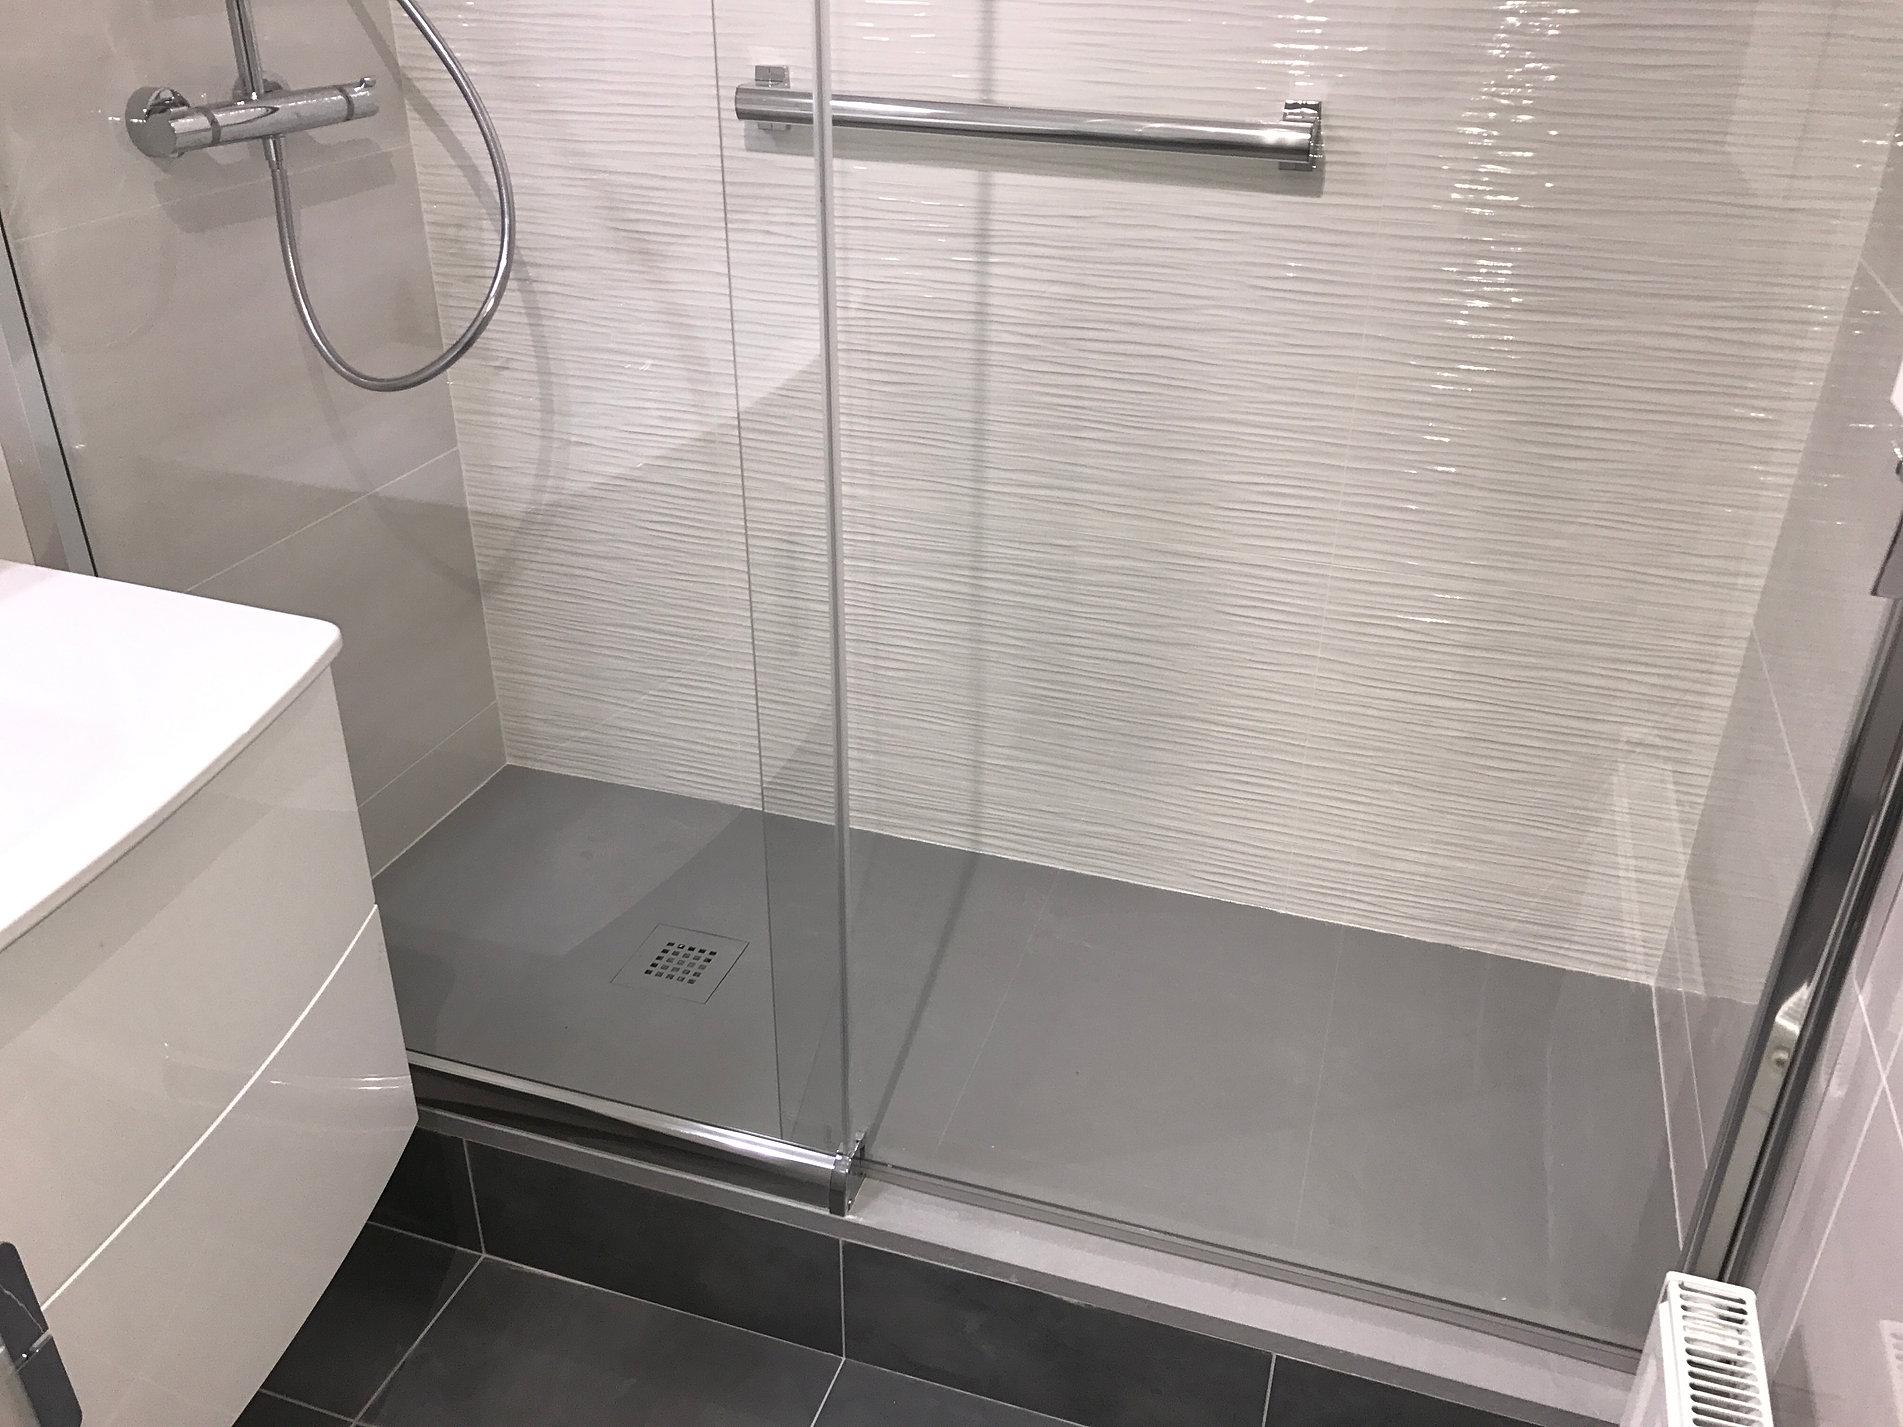 sagecli installation salle de bain chaudieres gaz ivry sur seine 94. Black Bedroom Furniture Sets. Home Design Ideas